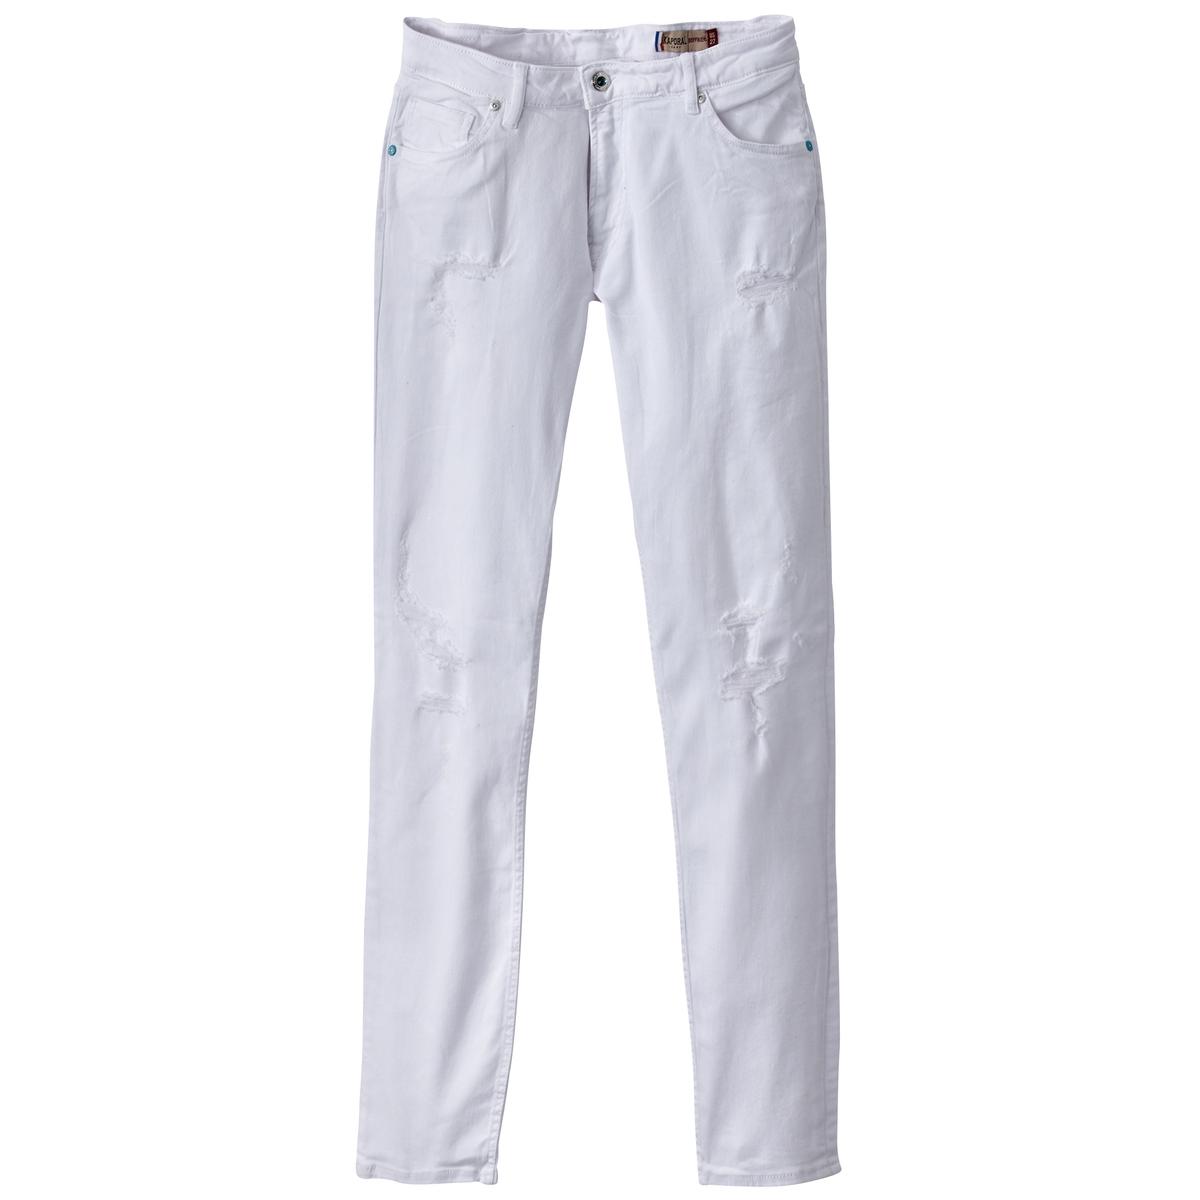 Джинсы базового гардеробаМатериал : 91% хлопка, 2% эластана, 7% эластомультиэстера  Высота пояса : стандартная Покрой джинсов : бойфренд Длина джинсов : длина 32<br><br>Цвет: белый,синий<br>Размер: 30 (US) длина 32.28 (US) длина 32.27 длина 32